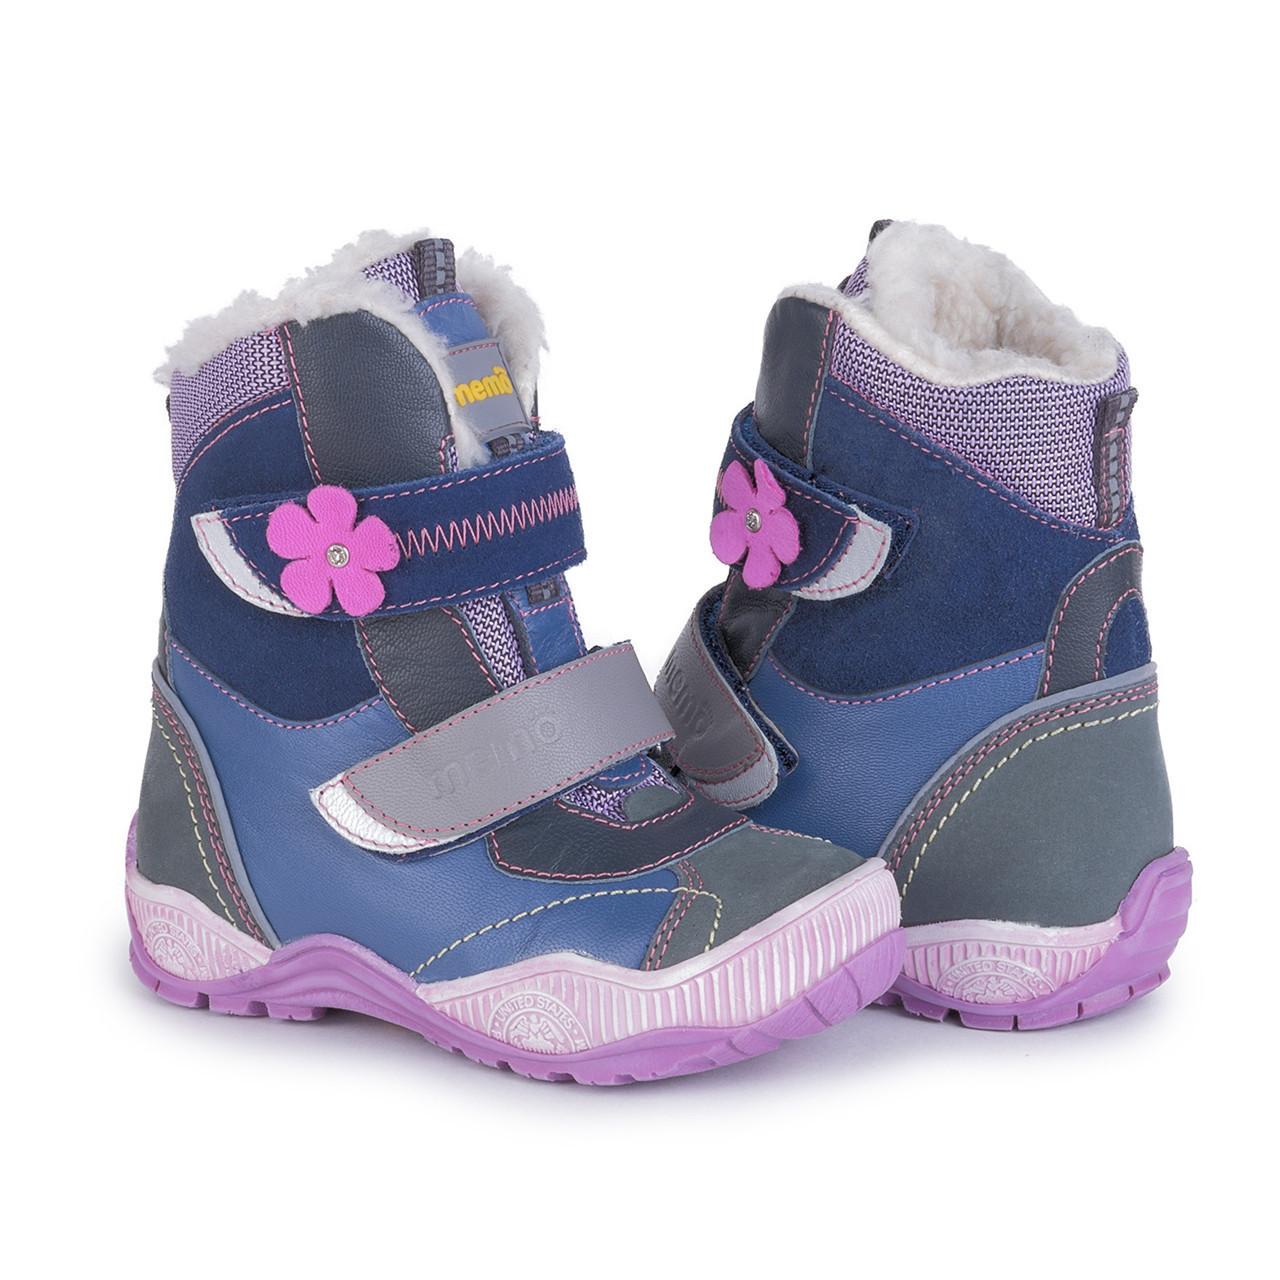 Memo Aspen 1JB - Зимние ортопедические ботинки для детей (фиолетовые) 23